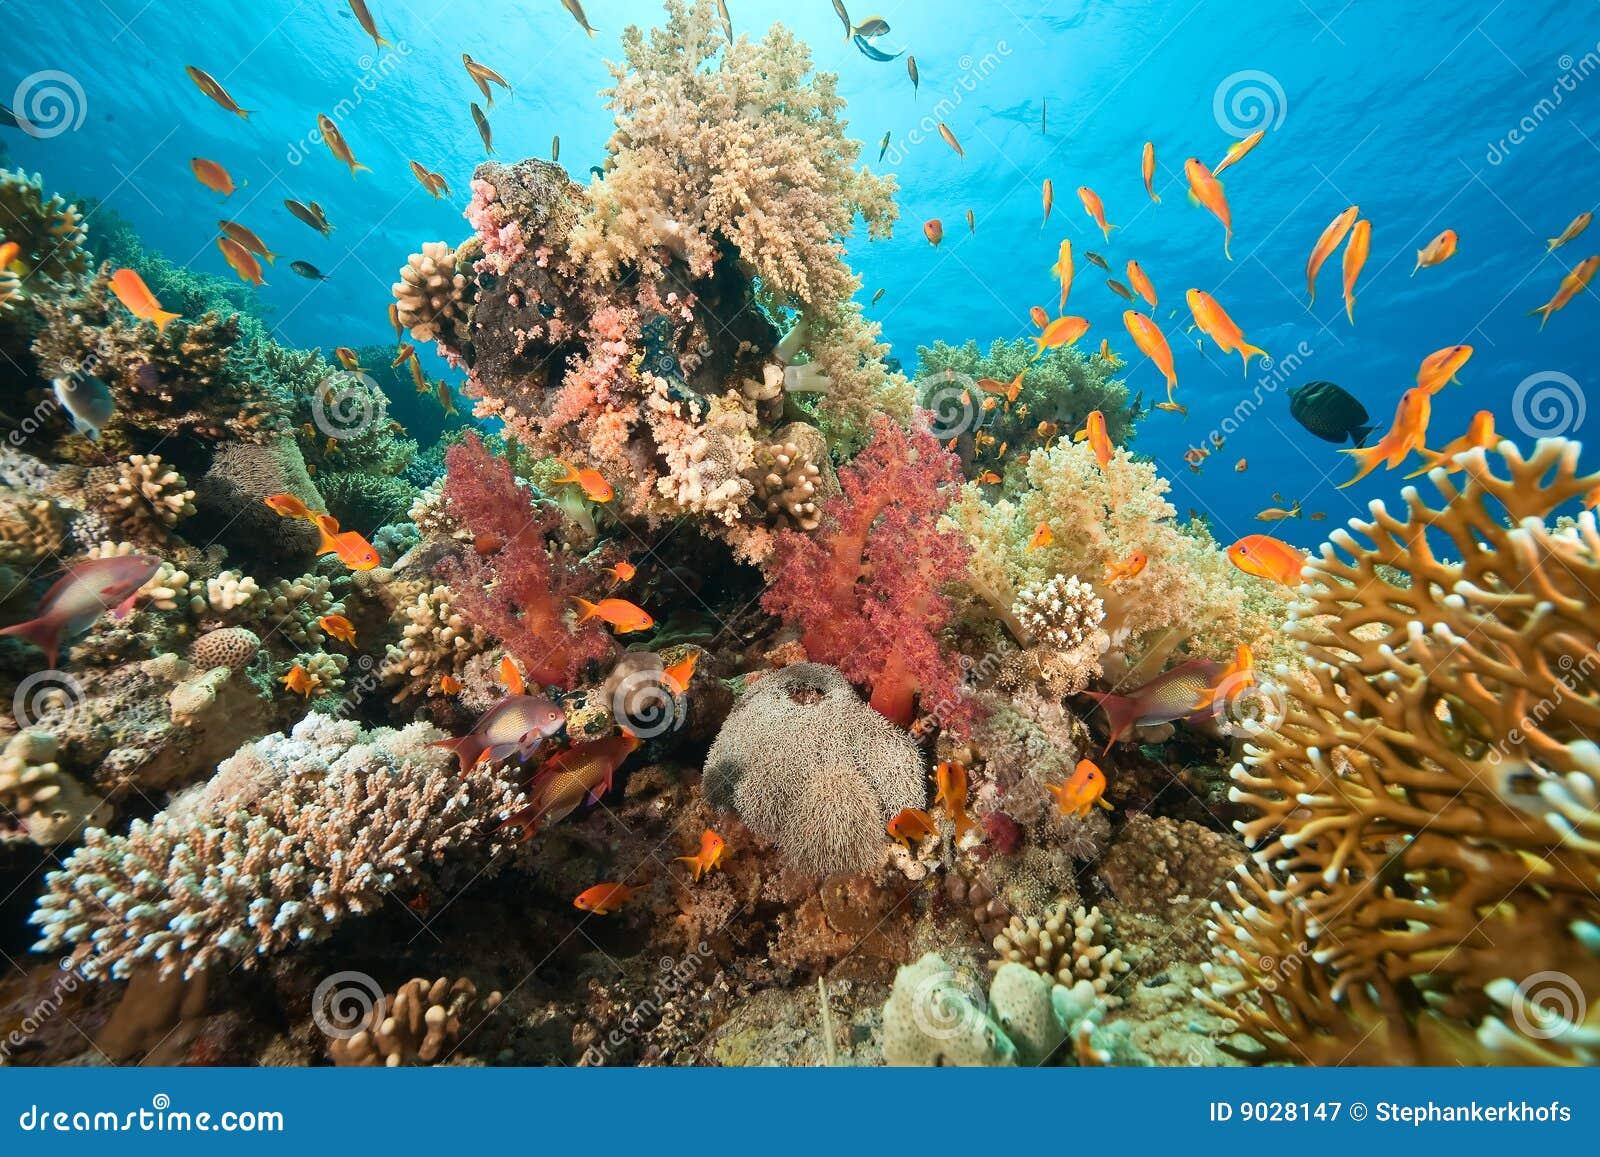 Ozean, Koralle und Fische